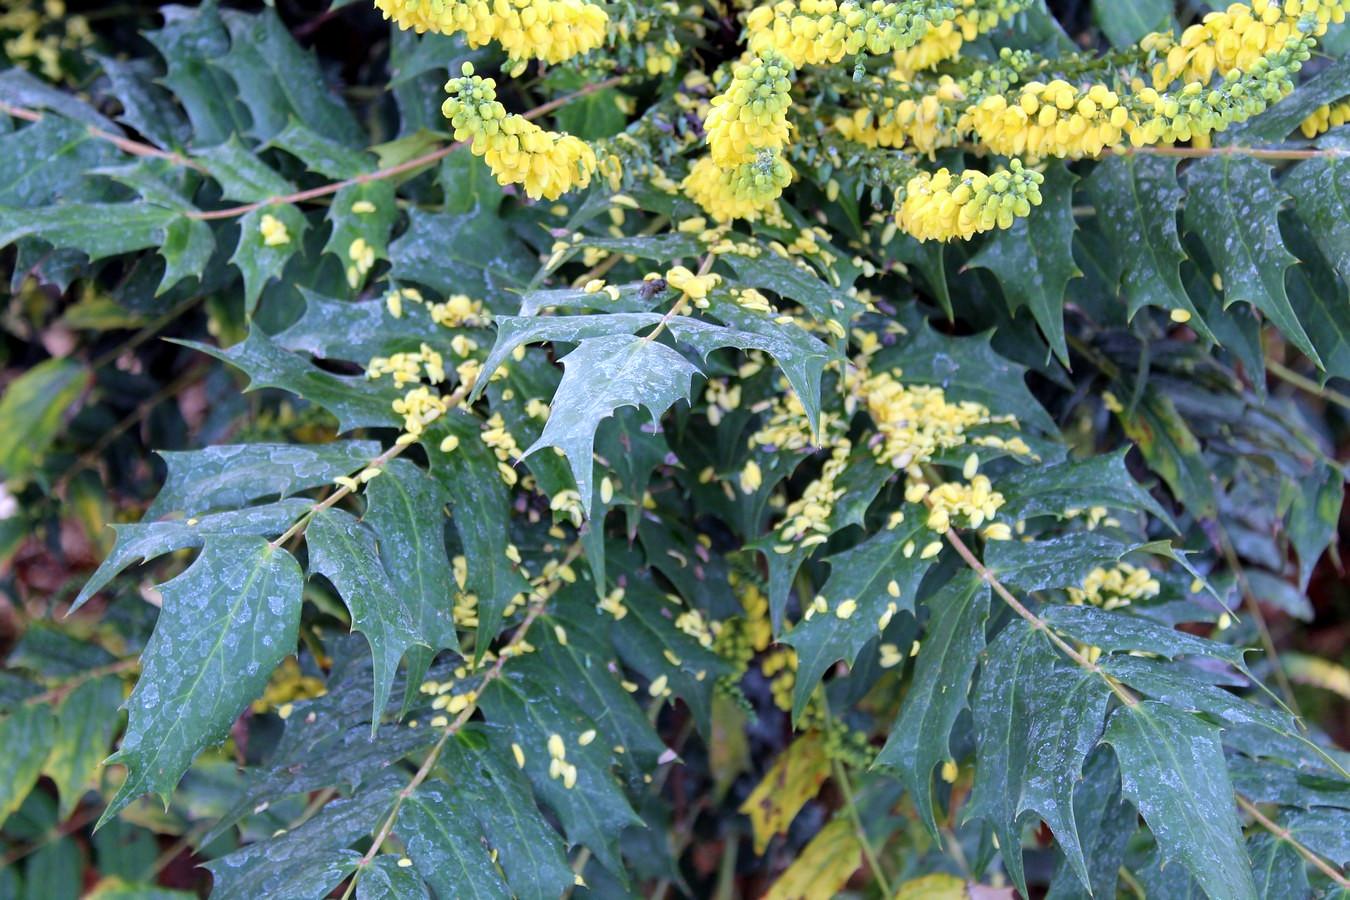 [Fil ouvert] Fleurs et plantes - Page 8 774835063Copier